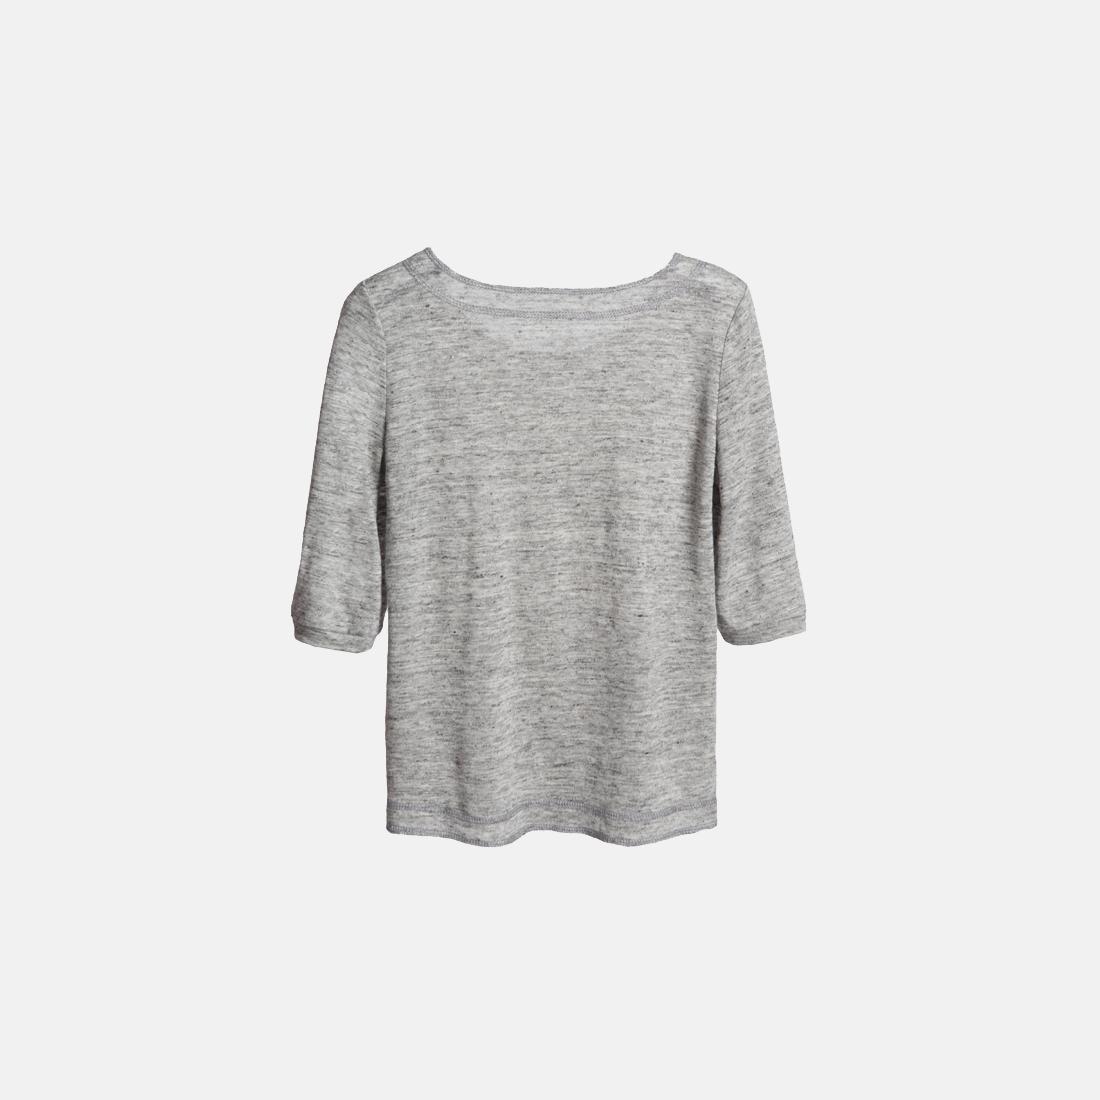 亚麻七分袖T恤